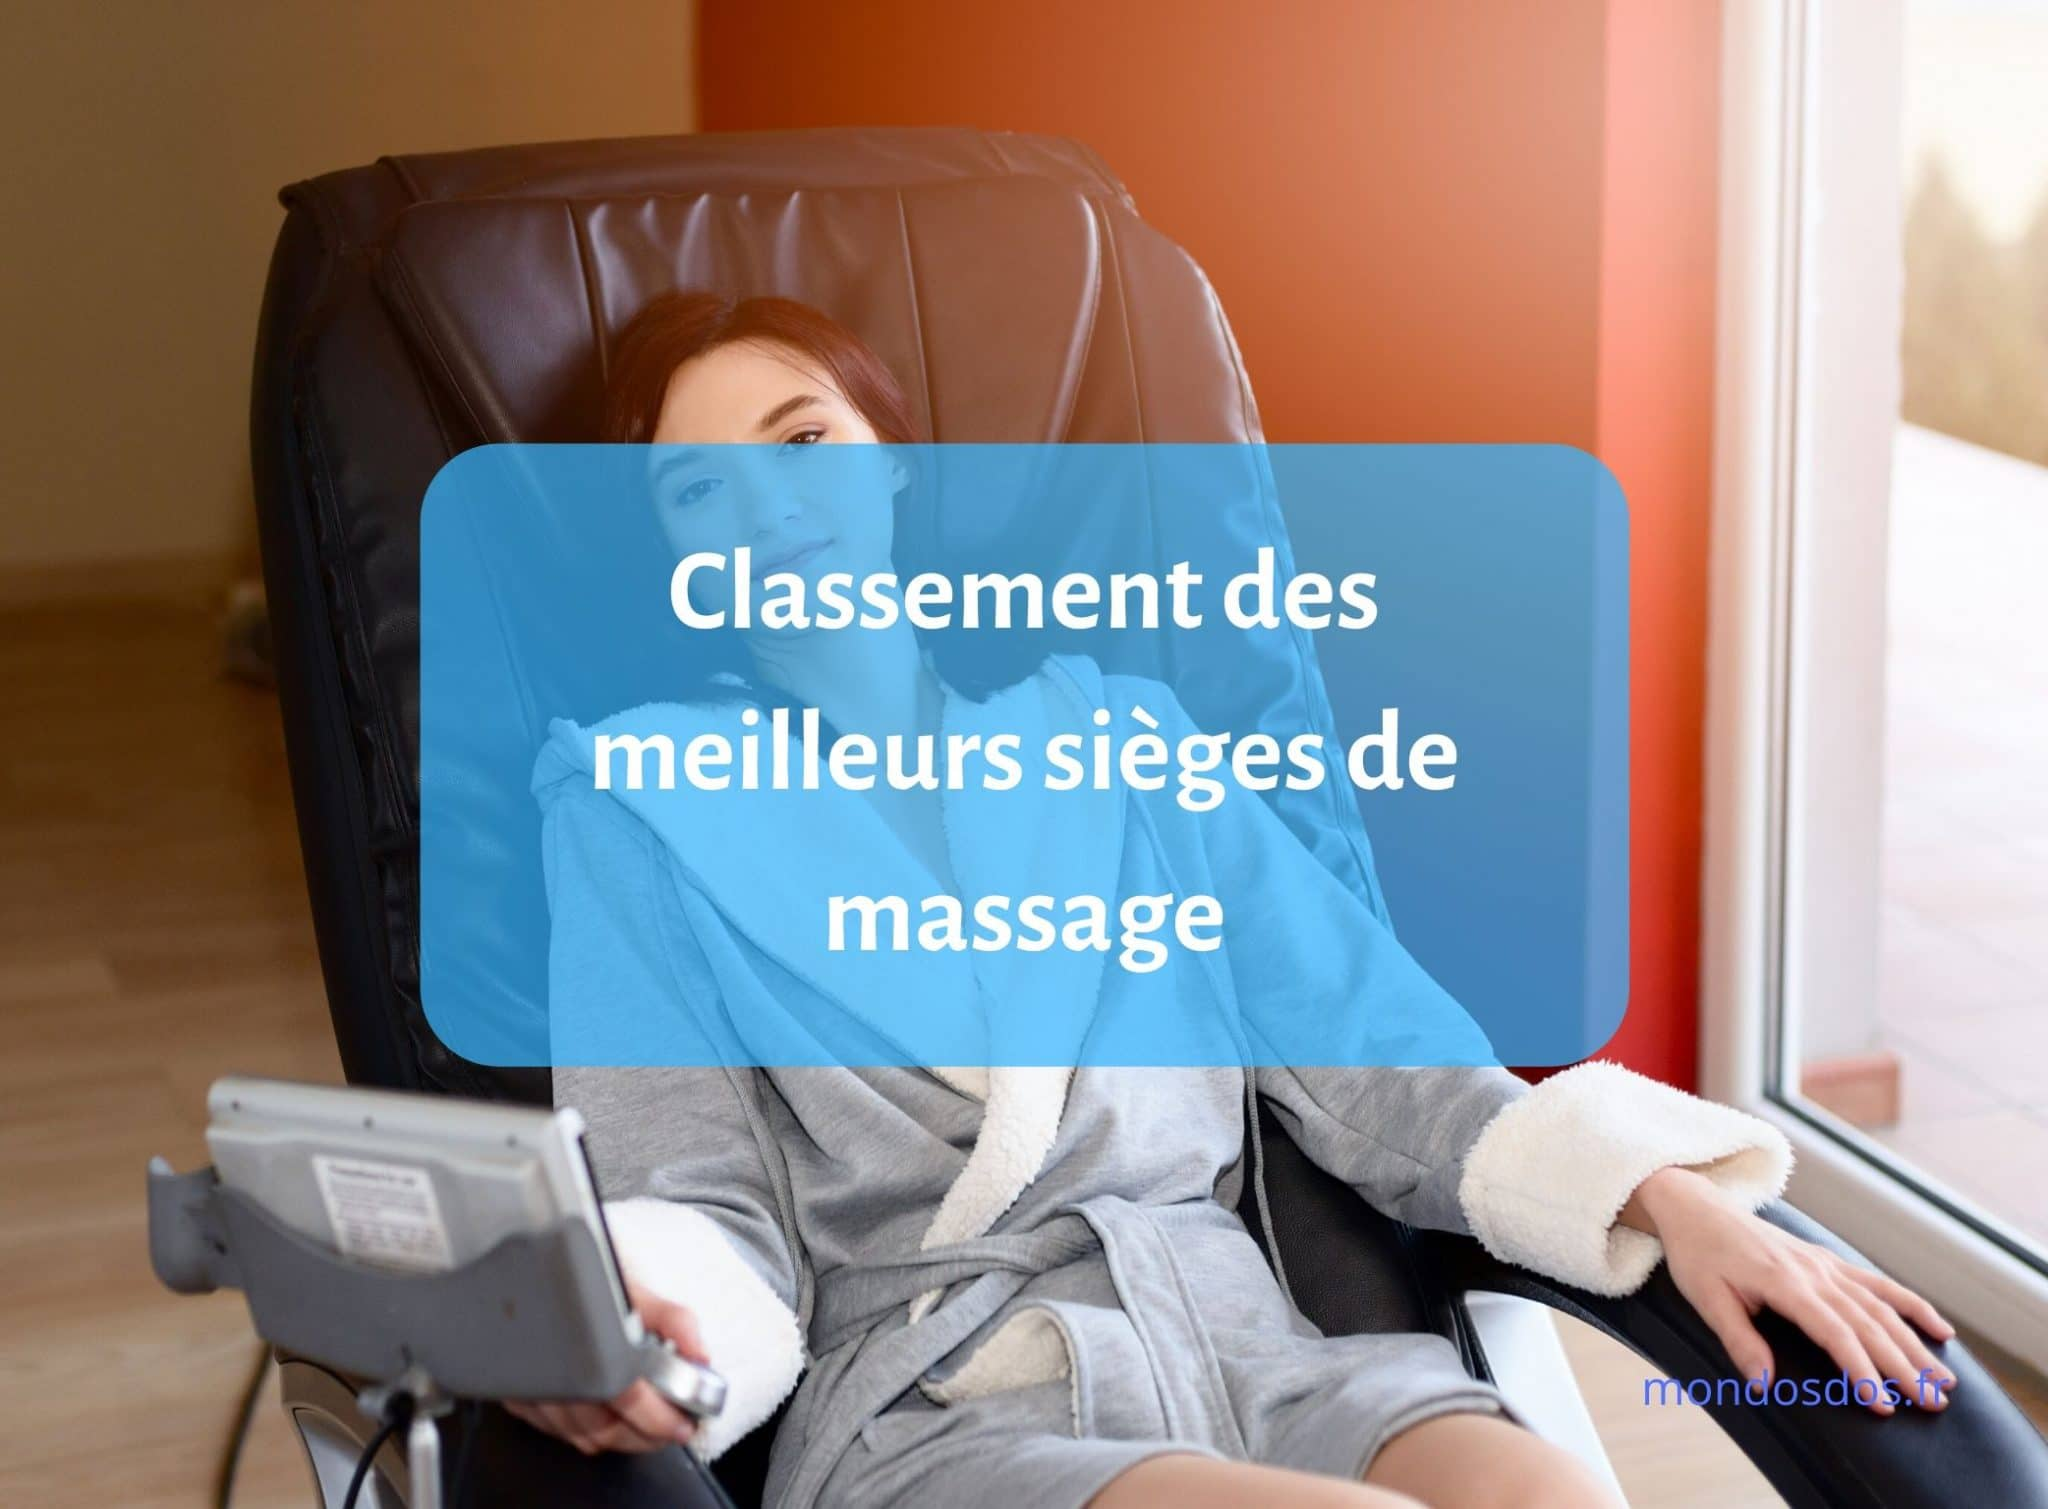 classement des meilleurs sièges de massage